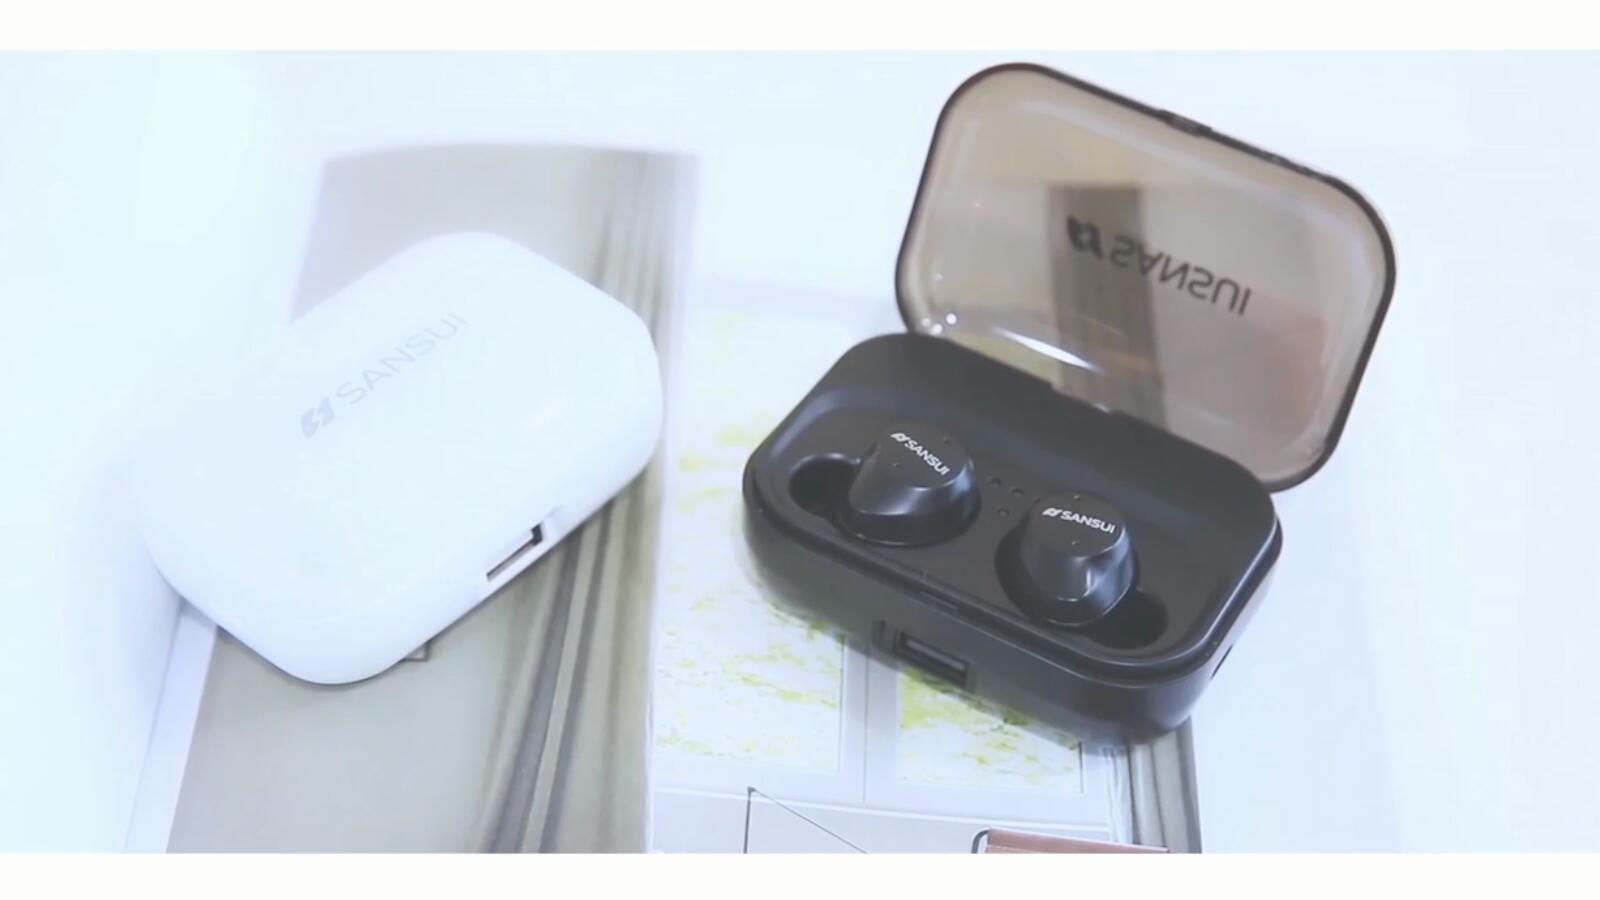 藍牙耳機產品展示視頻